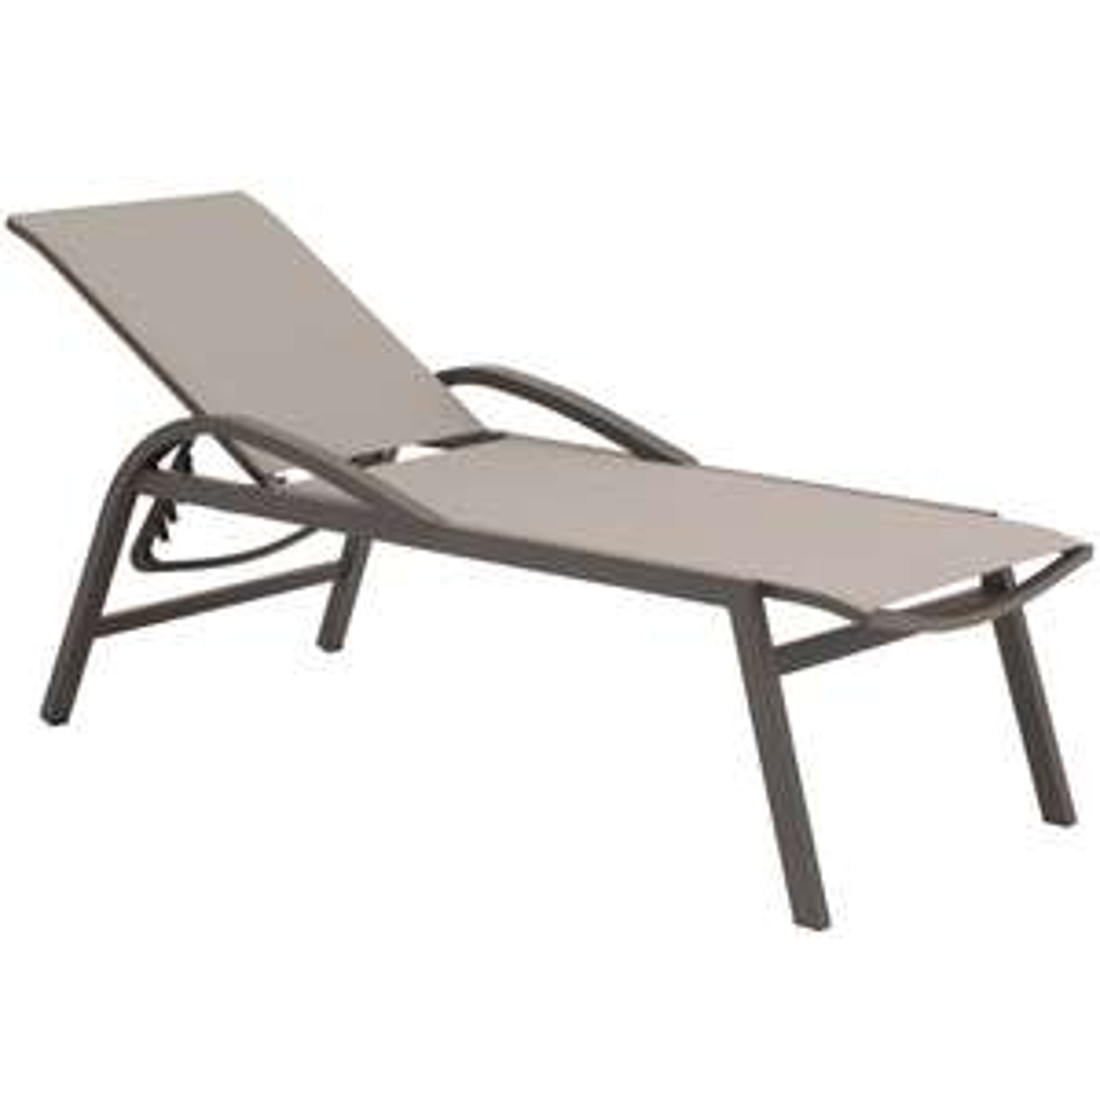 Siena Garden Milos Rollliege Aluminium/Ranotex® in Matt Anthrazit/Silber-Schwarz